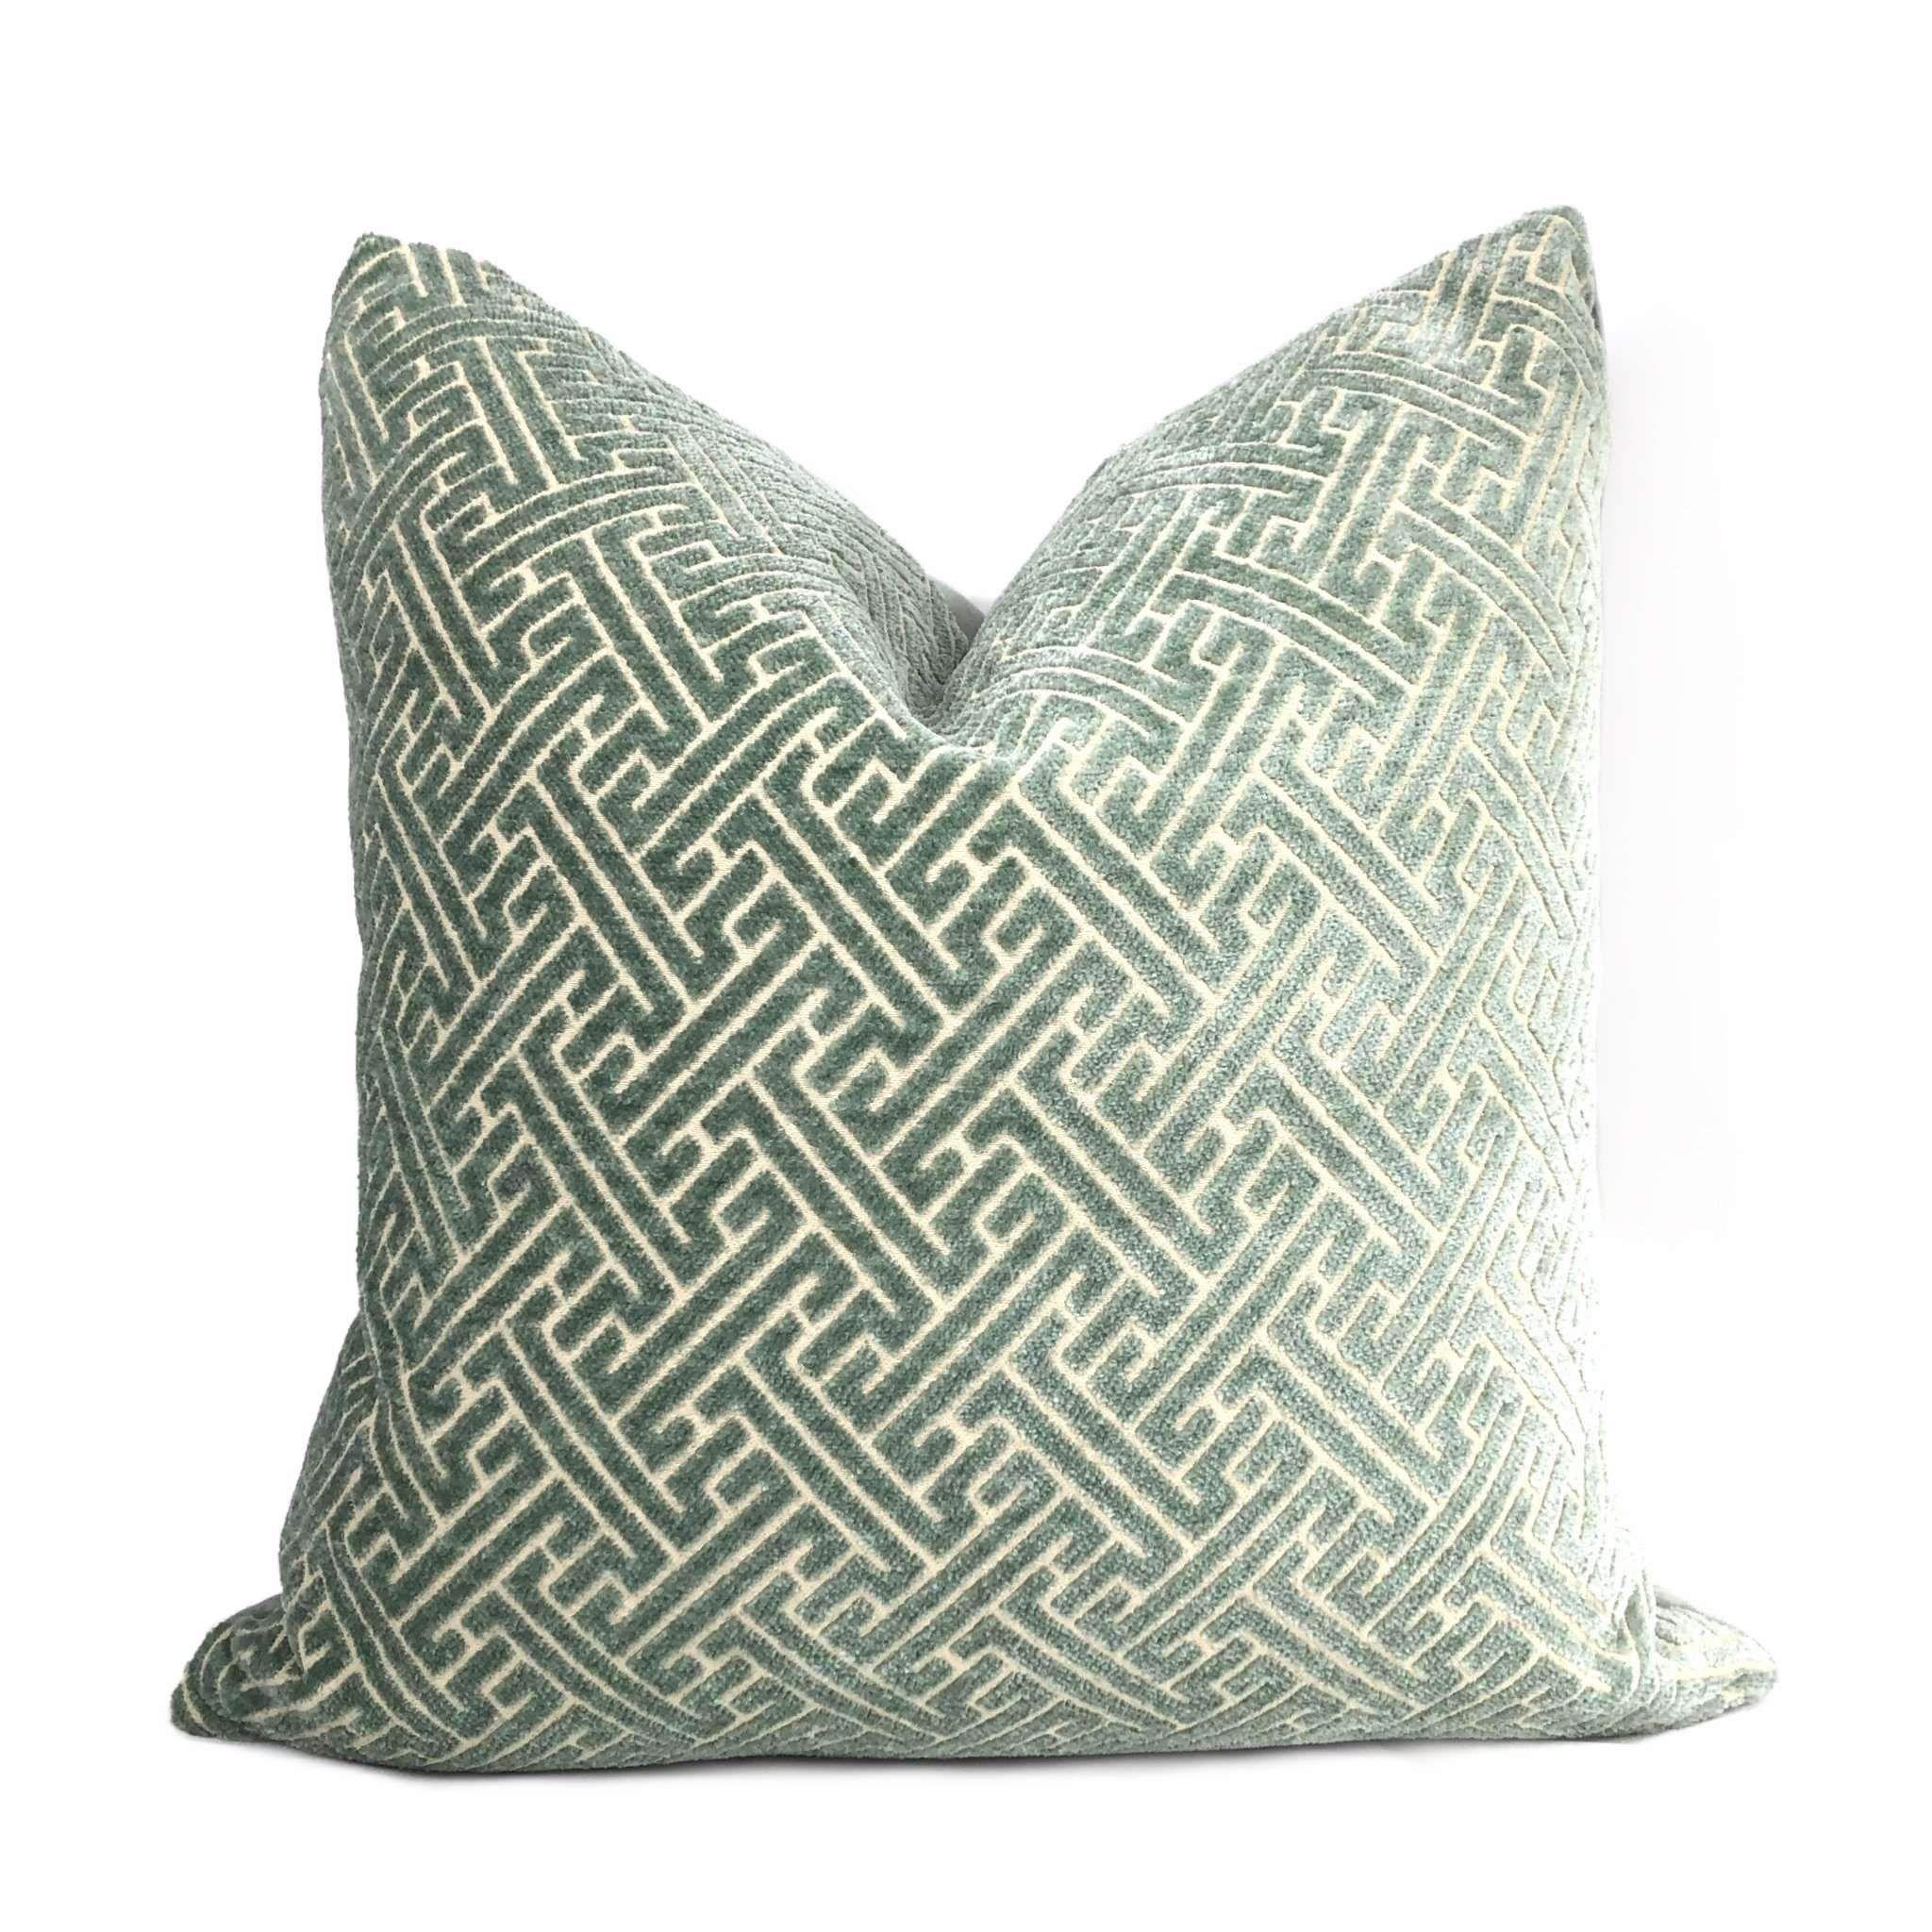 Seafoam Green Greek Key Velvet Pillow Cover Green Throw Pillows